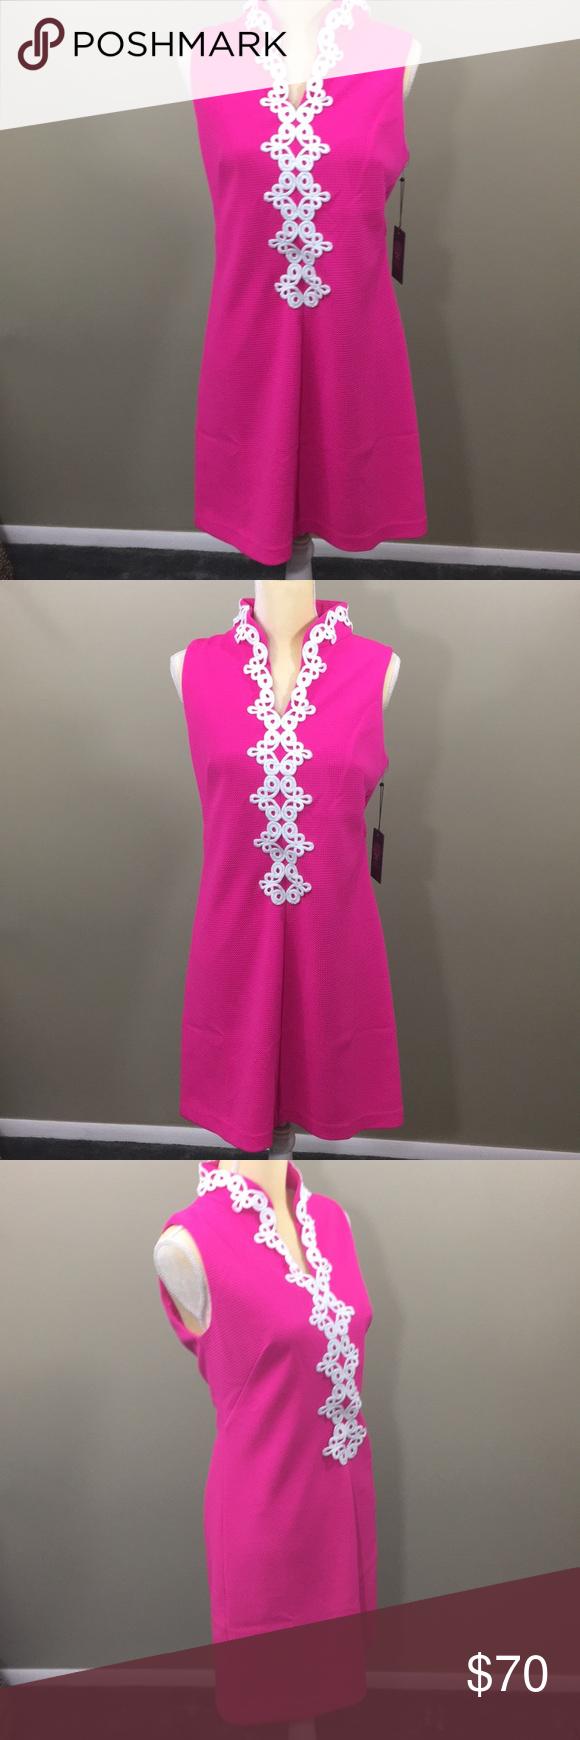 Sale Vince Camuto Dress Lace Applique Size 8 Nwt Bright Pink Dresses Hot Pink Dresses Lace Dress [ 1740 x 580 Pixel ]